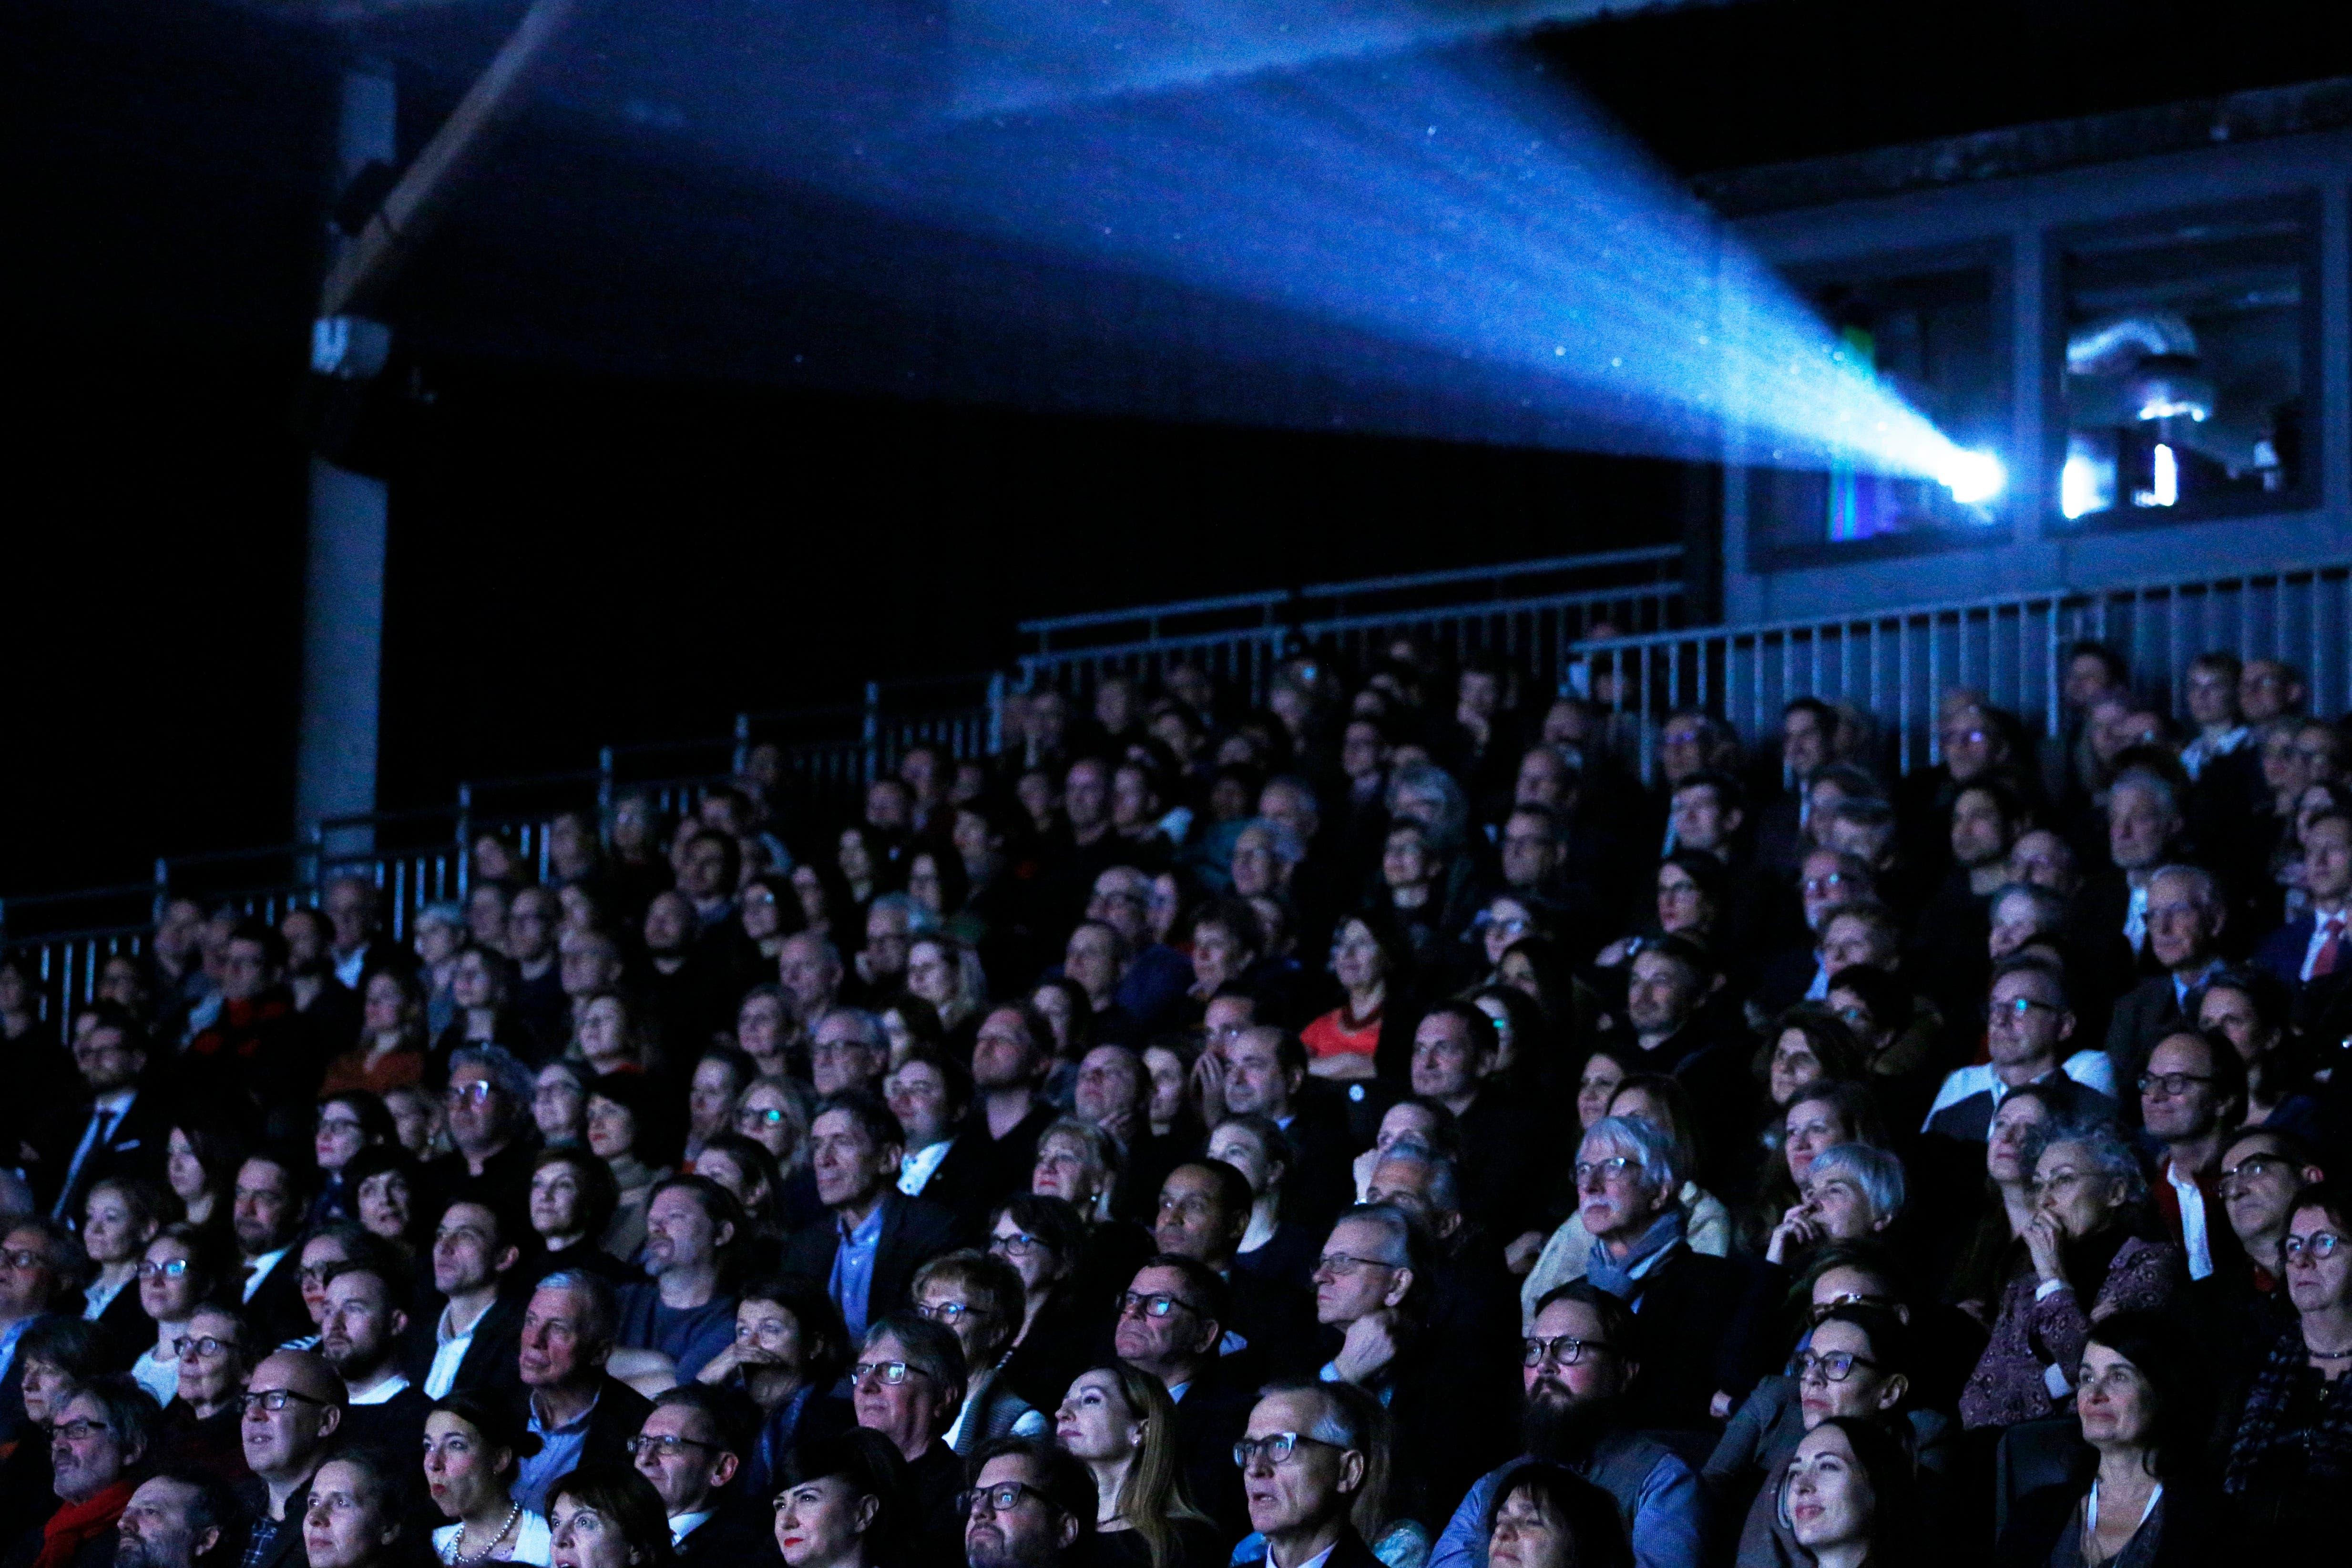 Eröffnungsfilm  «Moskau Einfach!», die Liebeskomödie von Micha Lewinsky, eröffnet am Mittwoch, 22. Januar, die 55. Ausgabe der Solothurner Filmtage. «Moskau Einfach!» läuft auch am Sa., 25.1. und Di., 28.1.